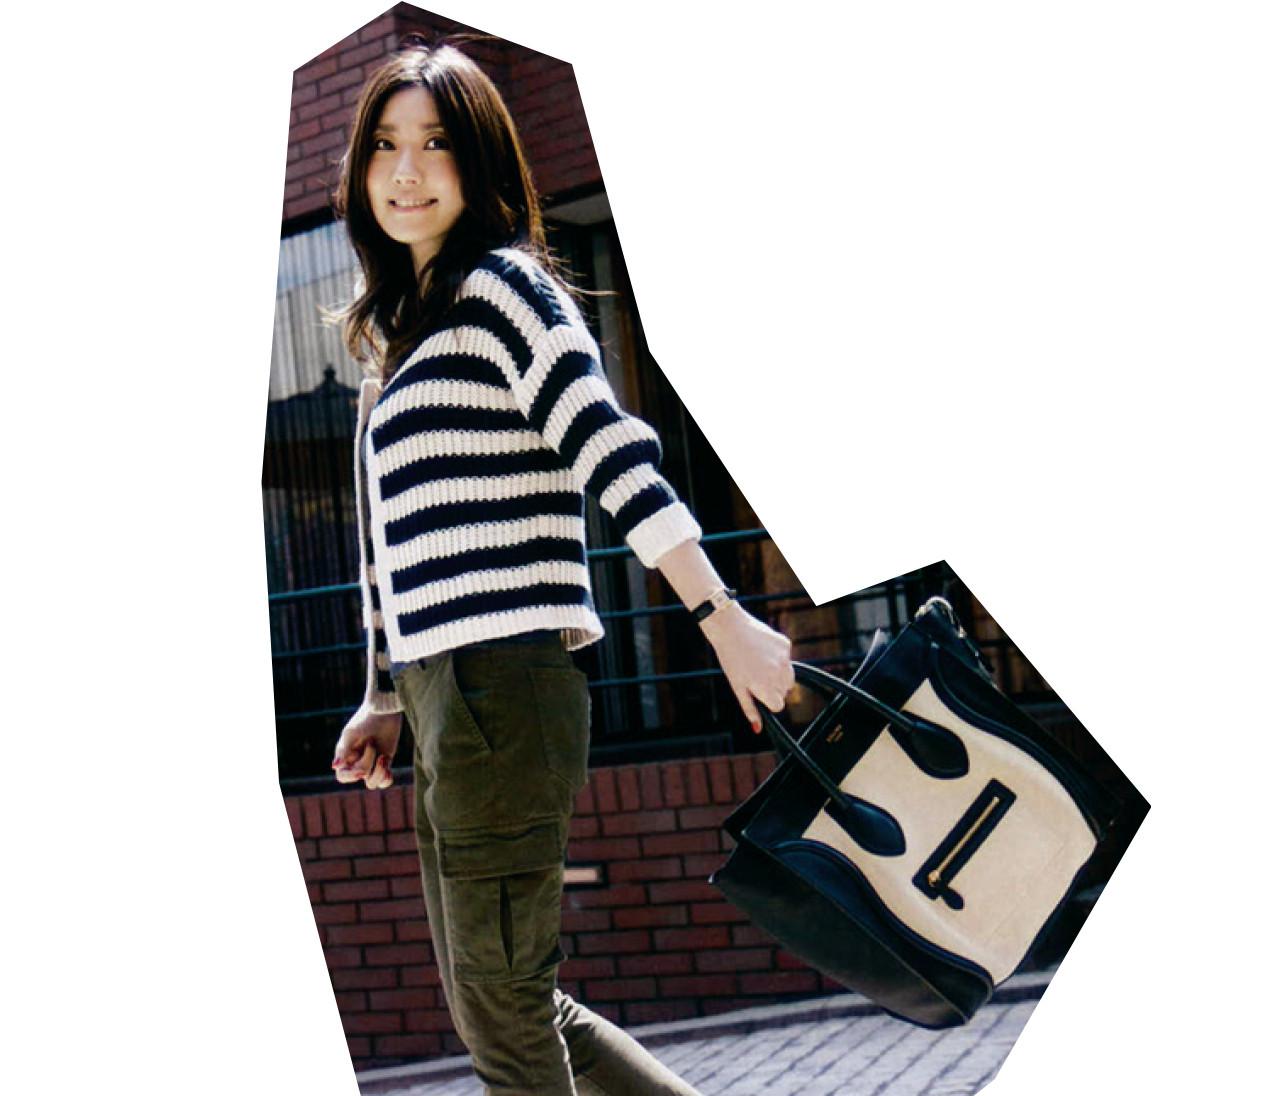 エディター東原妙子さんがファッションを心から楽しめている秘訣とは?【おしゃれ賢者のアドバイス7】